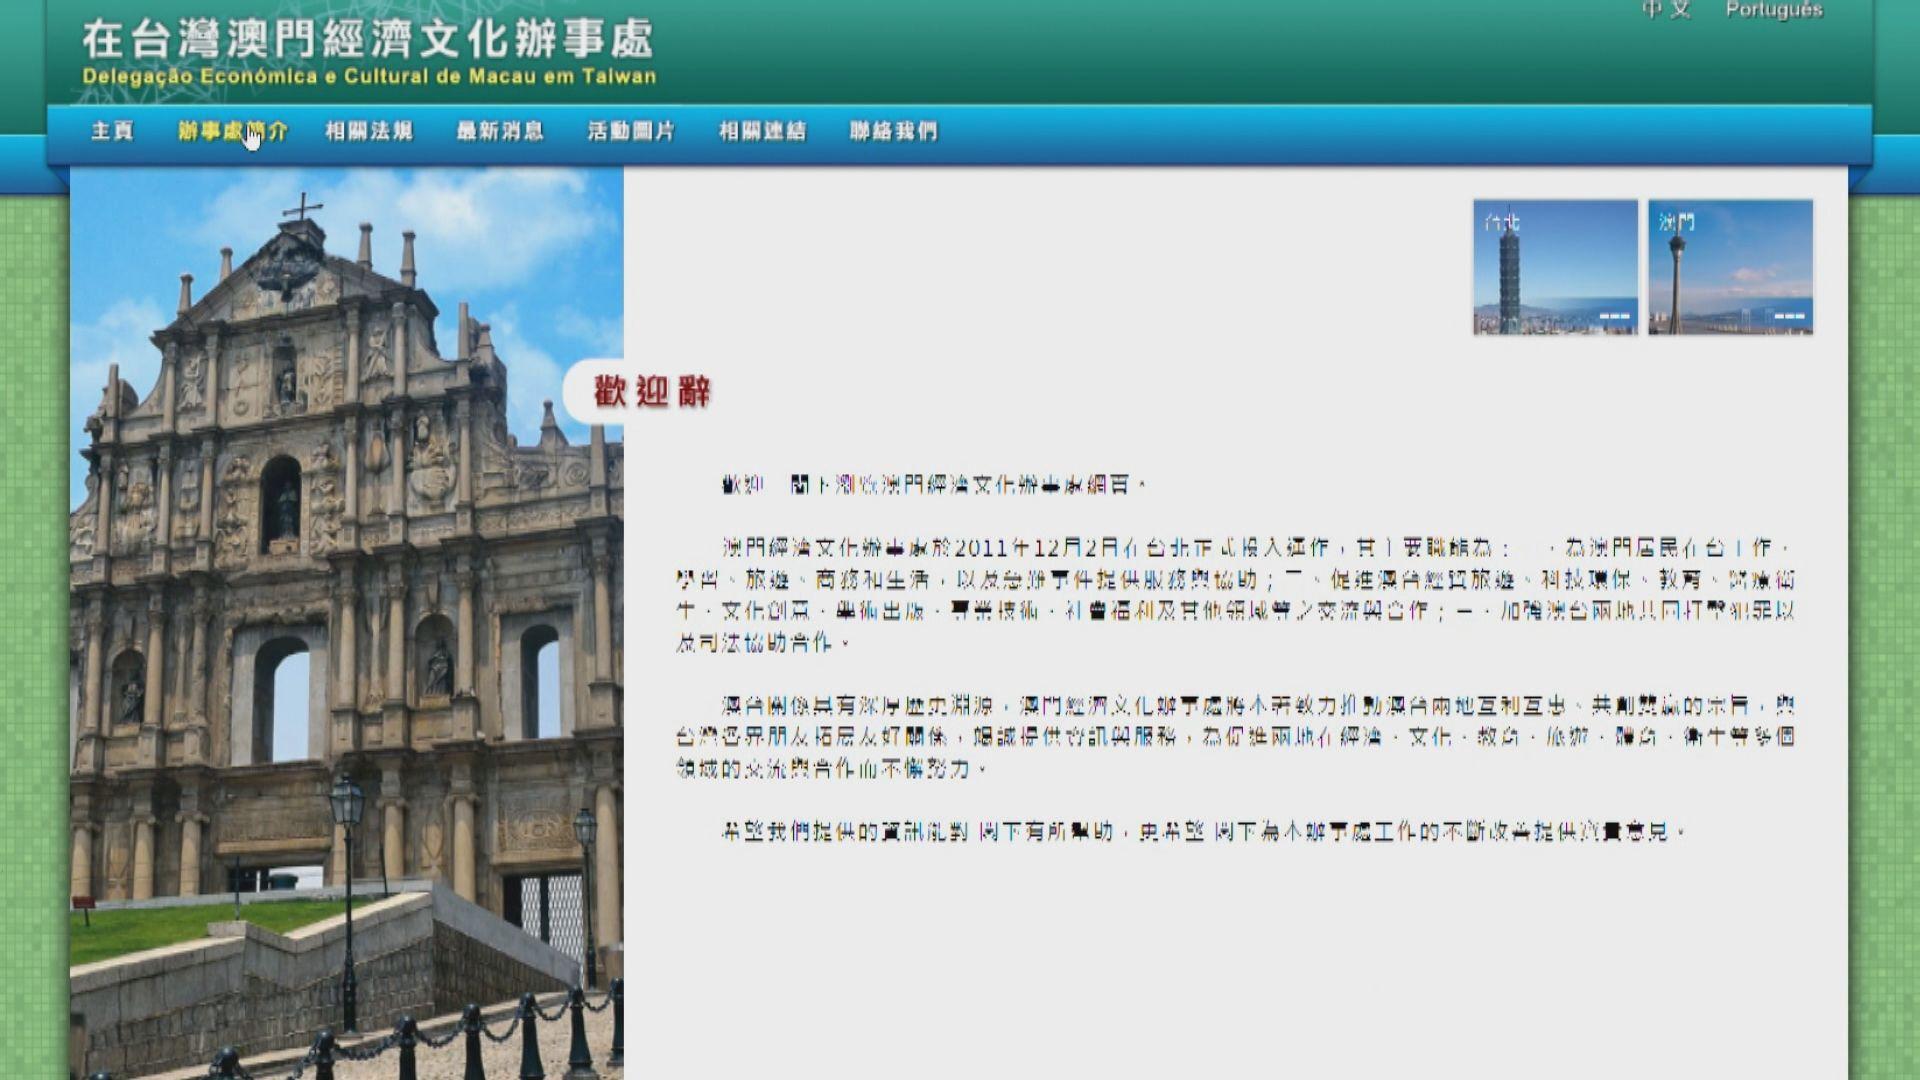 澳門暫停駐台經濟文化辦事處運作 陸委會表遺憾